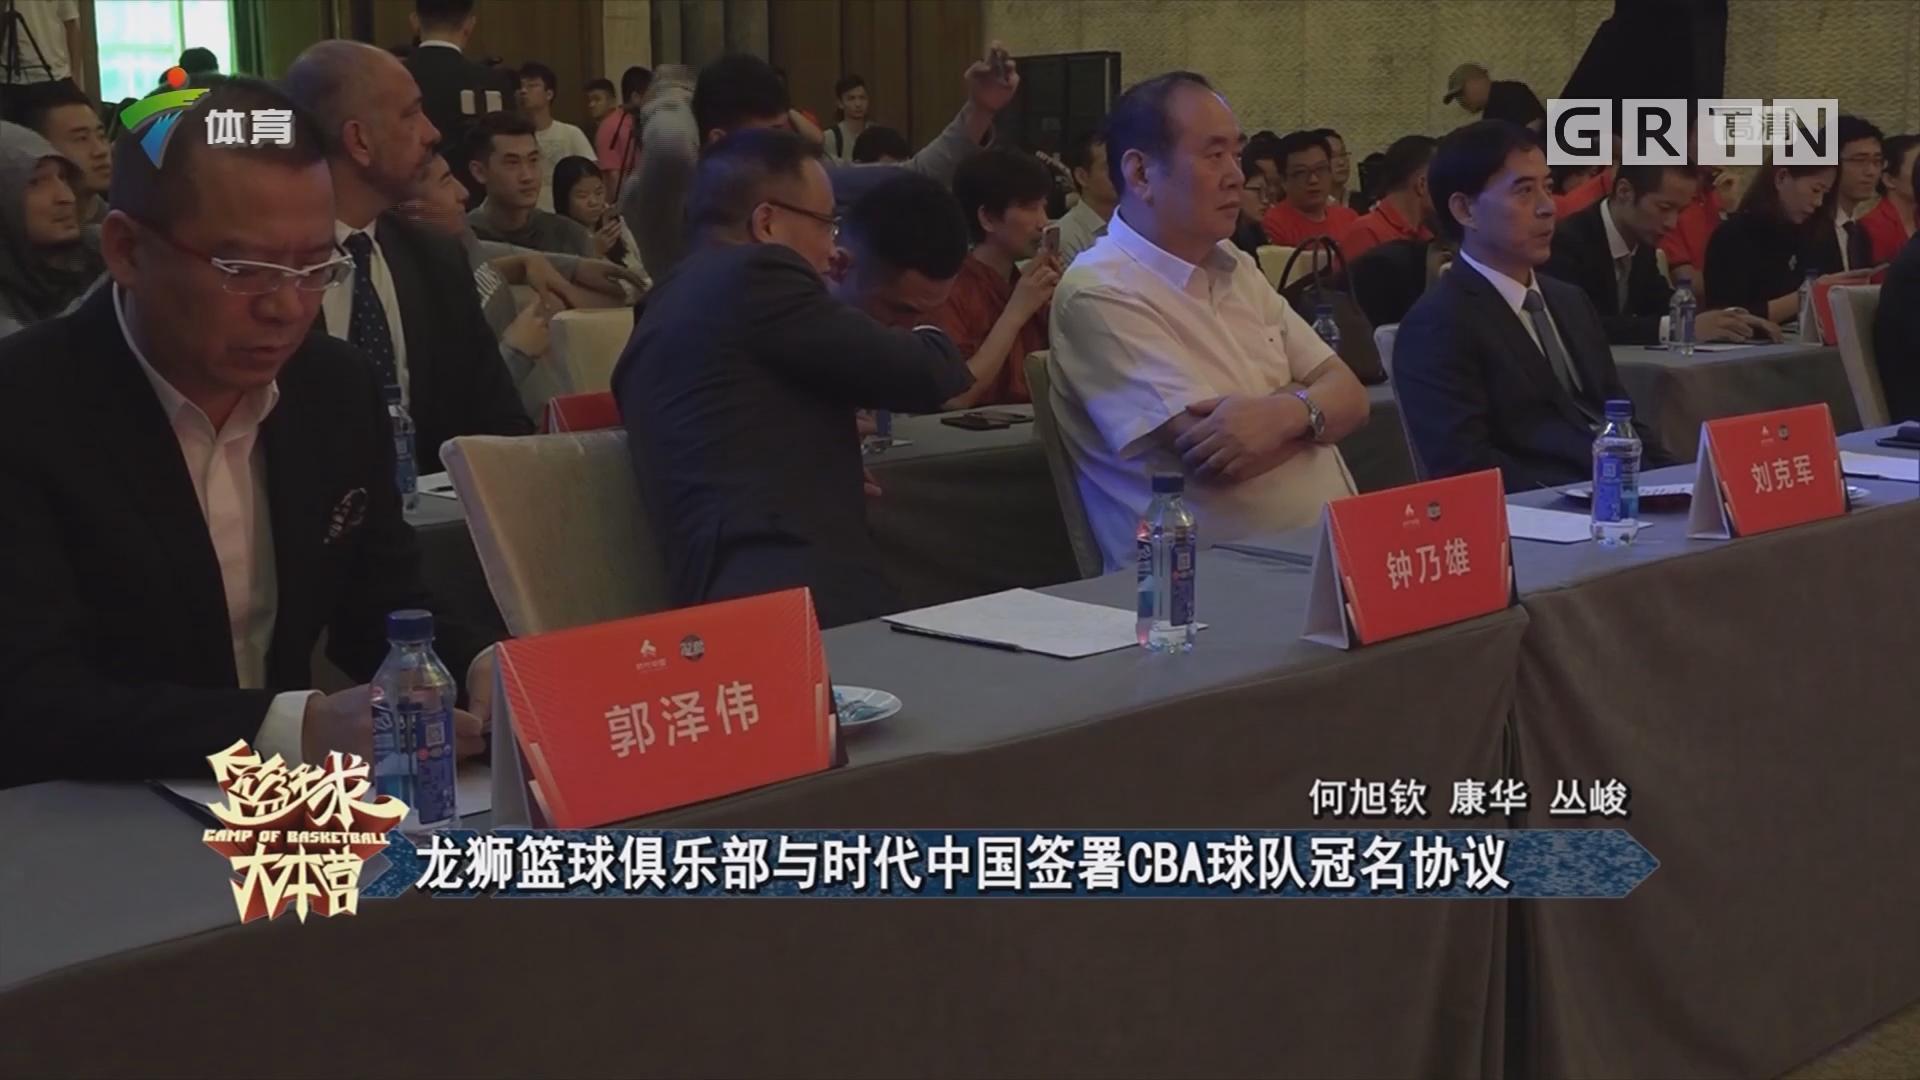 龙狮篮球俱乐部与时代中国签署CBA球队冠名协议